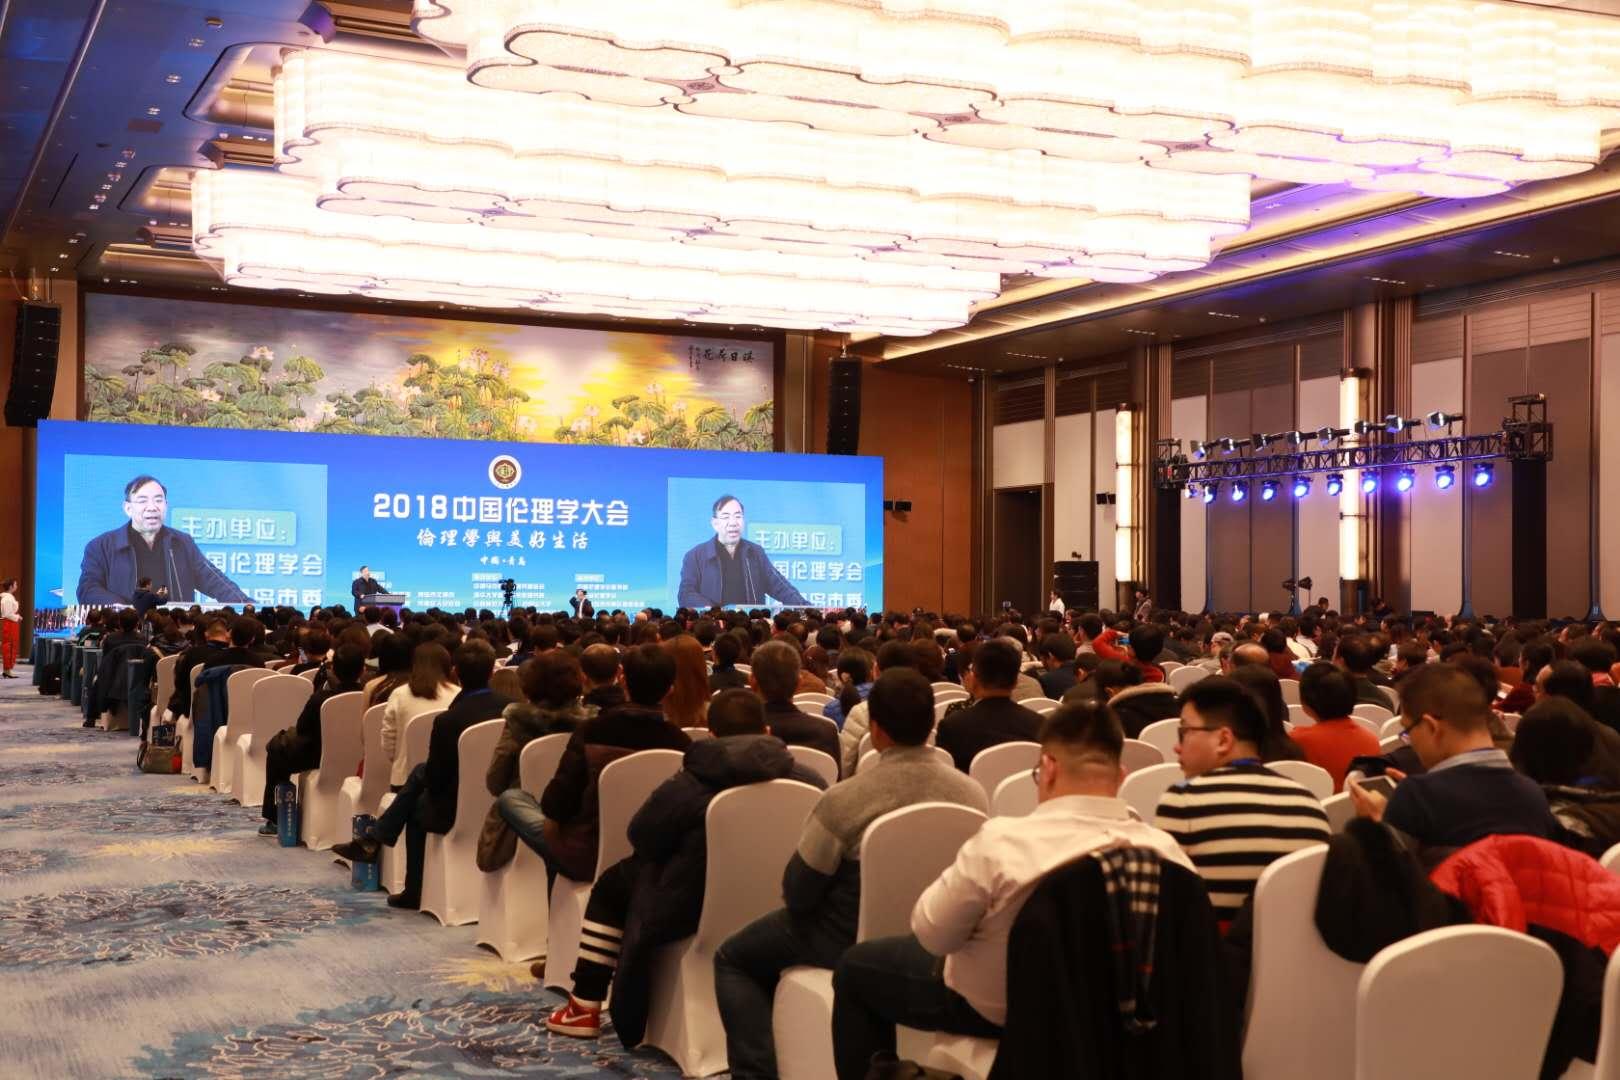 2018中国伦理学大会在青岛举行 共话共建美好生活